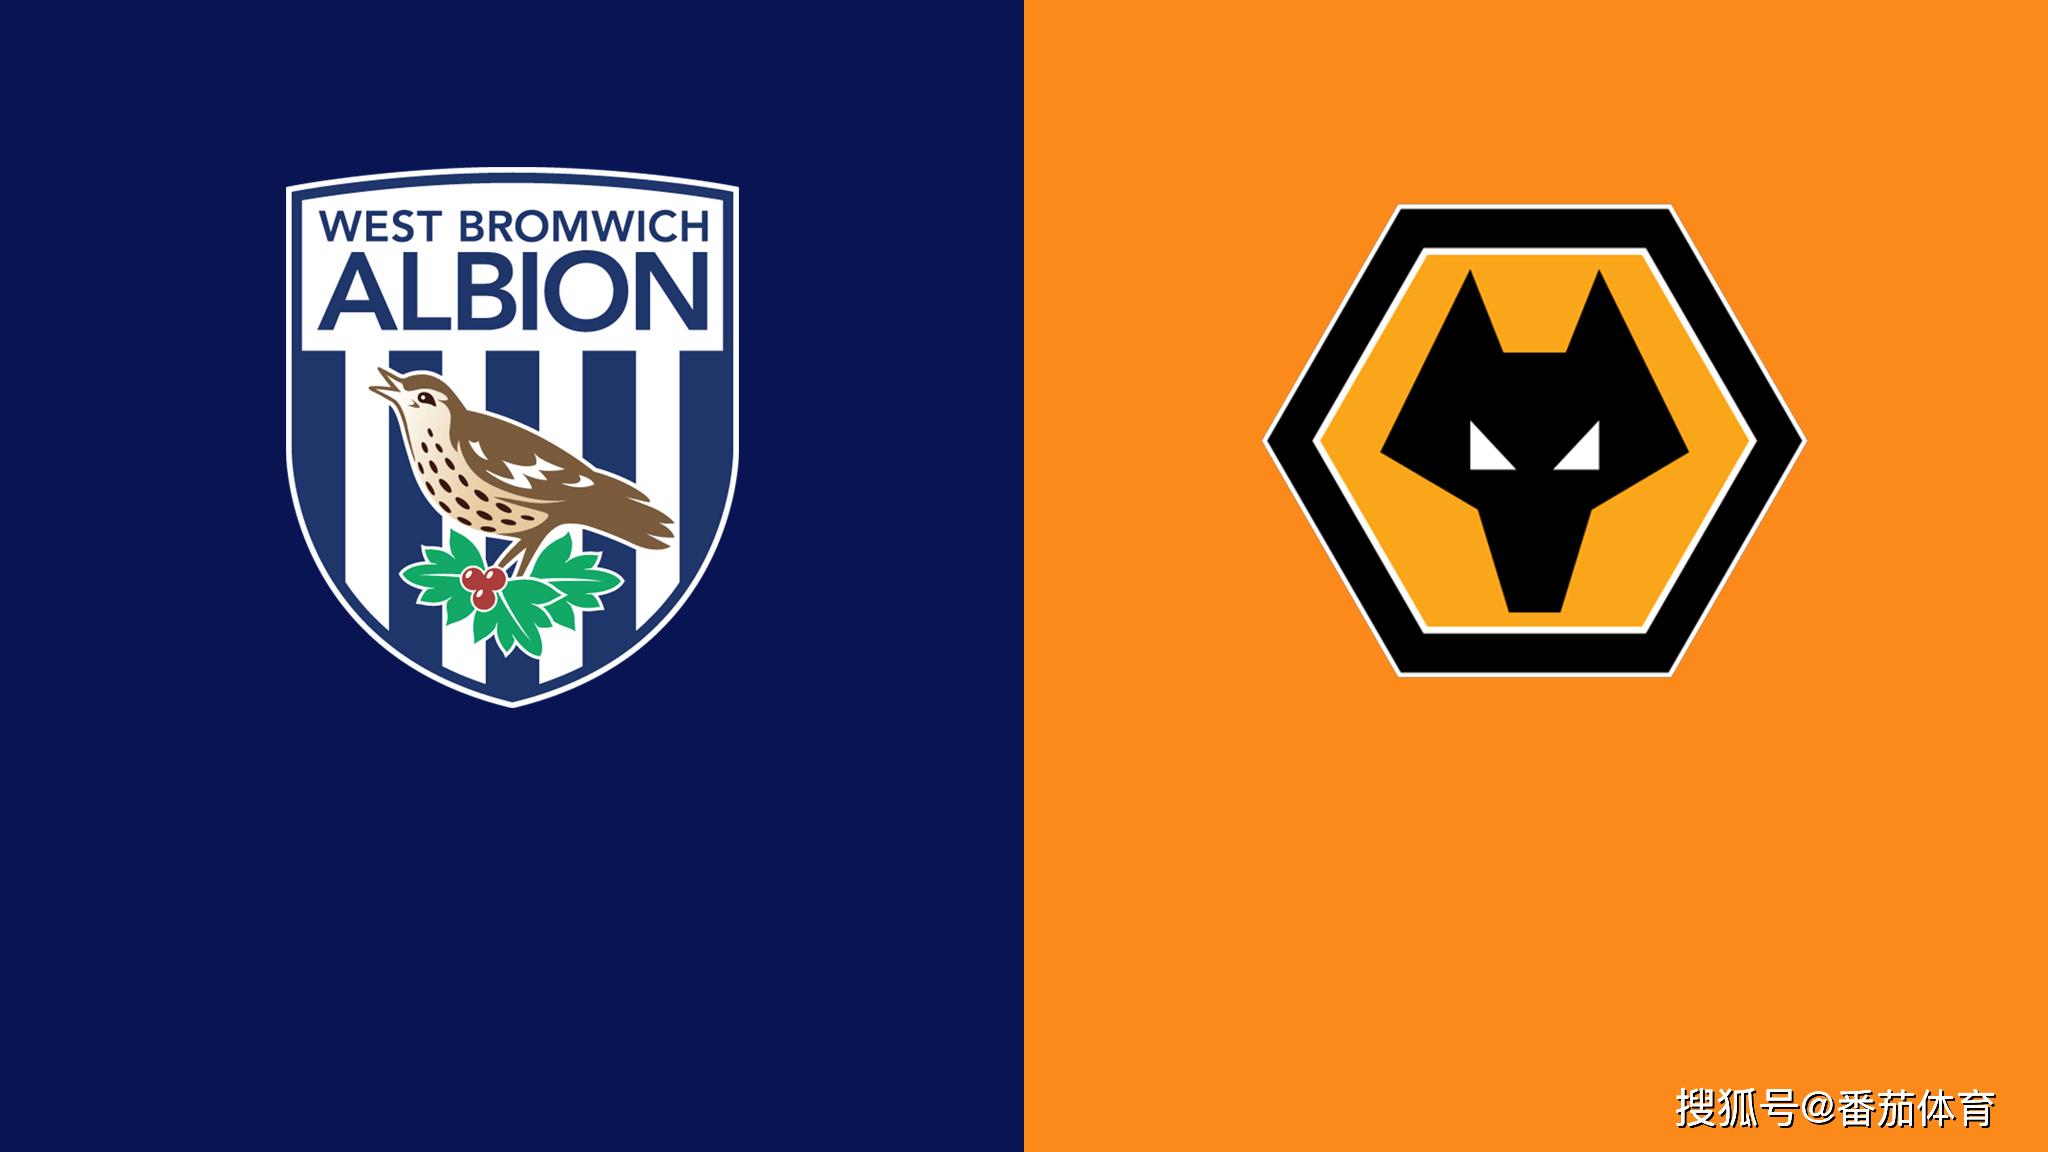 足球分析:西布罗姆维奇vs狼队前瞻,西布朗略胜一筹